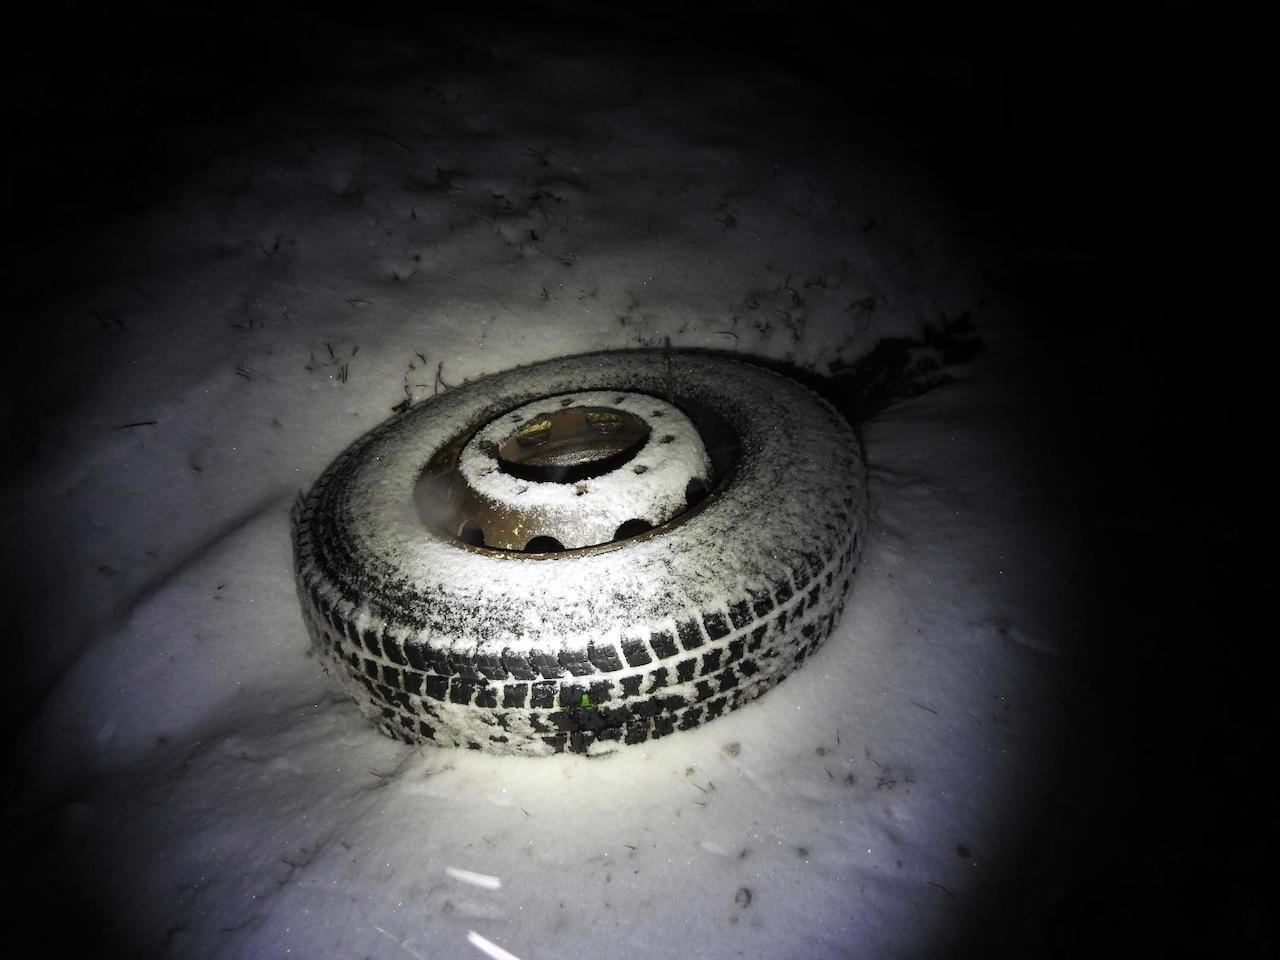 věk datování pneumatik